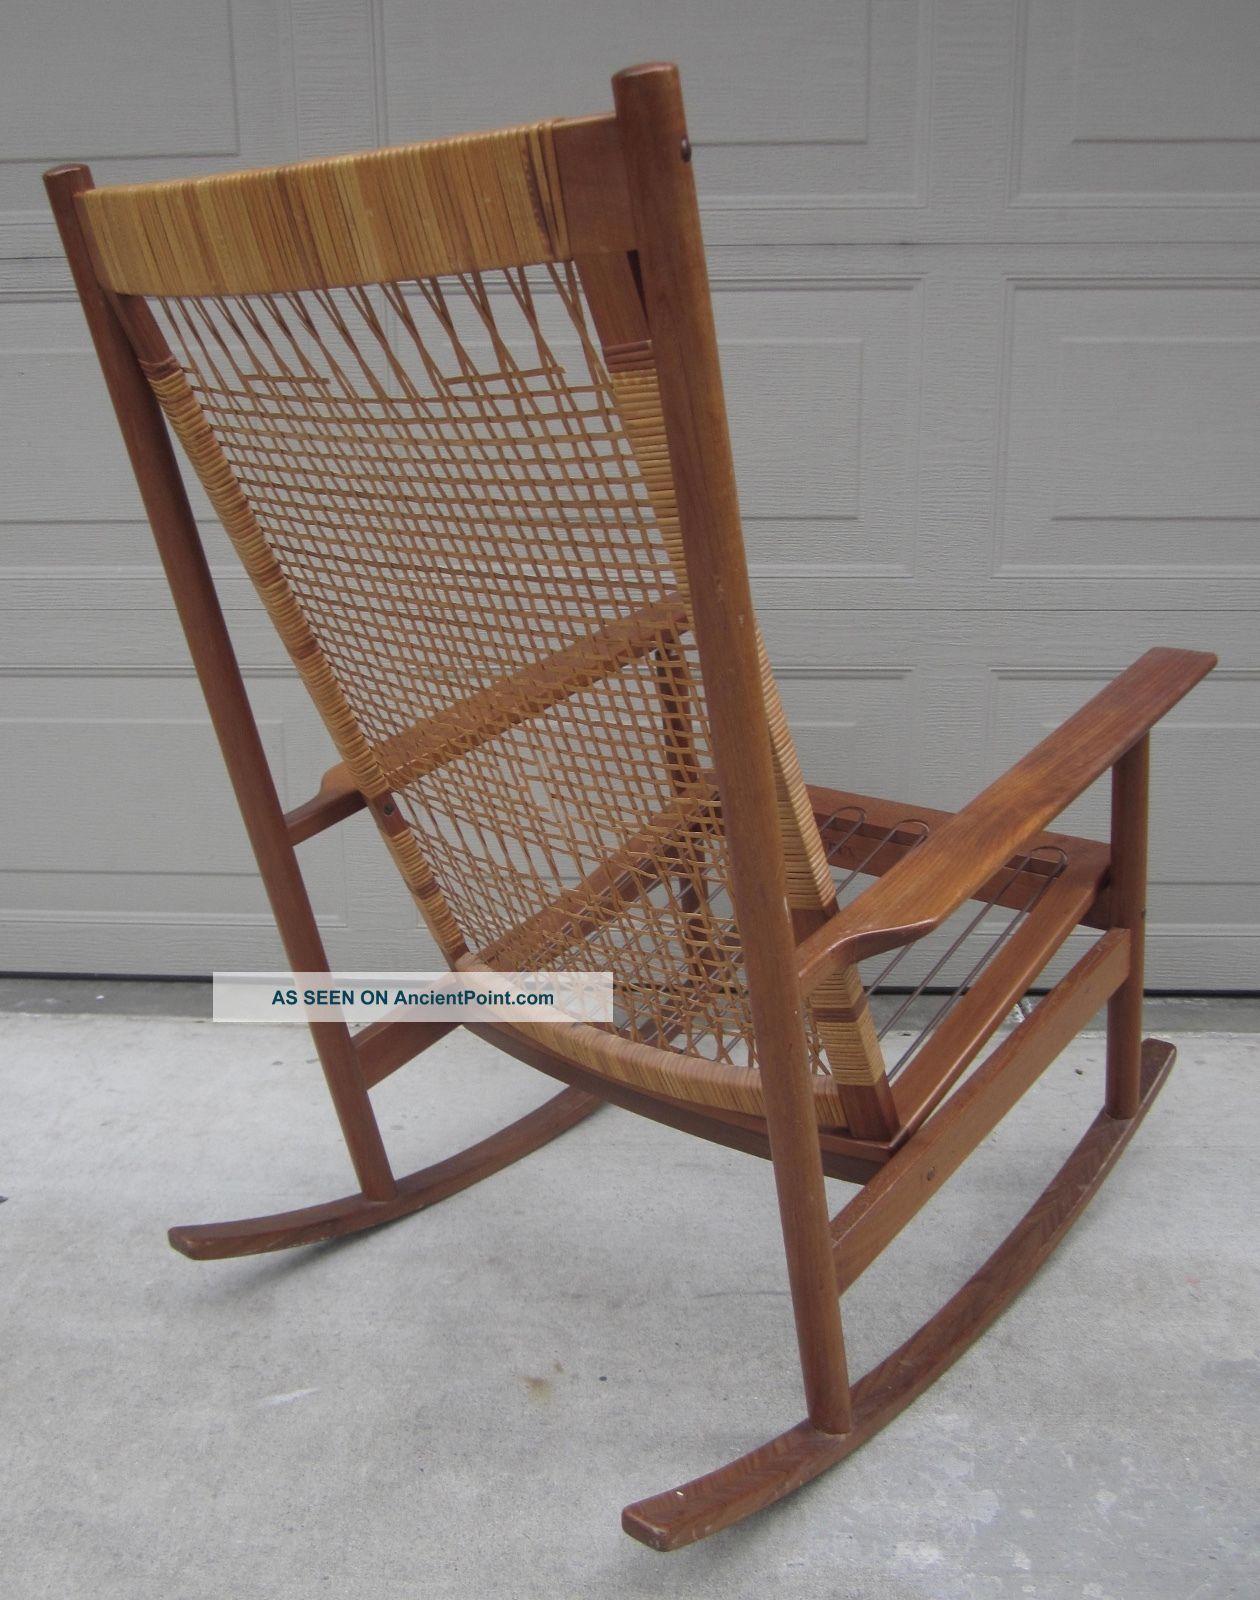 Hans Olsen For Dux Cane Teak Rocking Chair Danish Modern Wegner Style Post-1950 photo